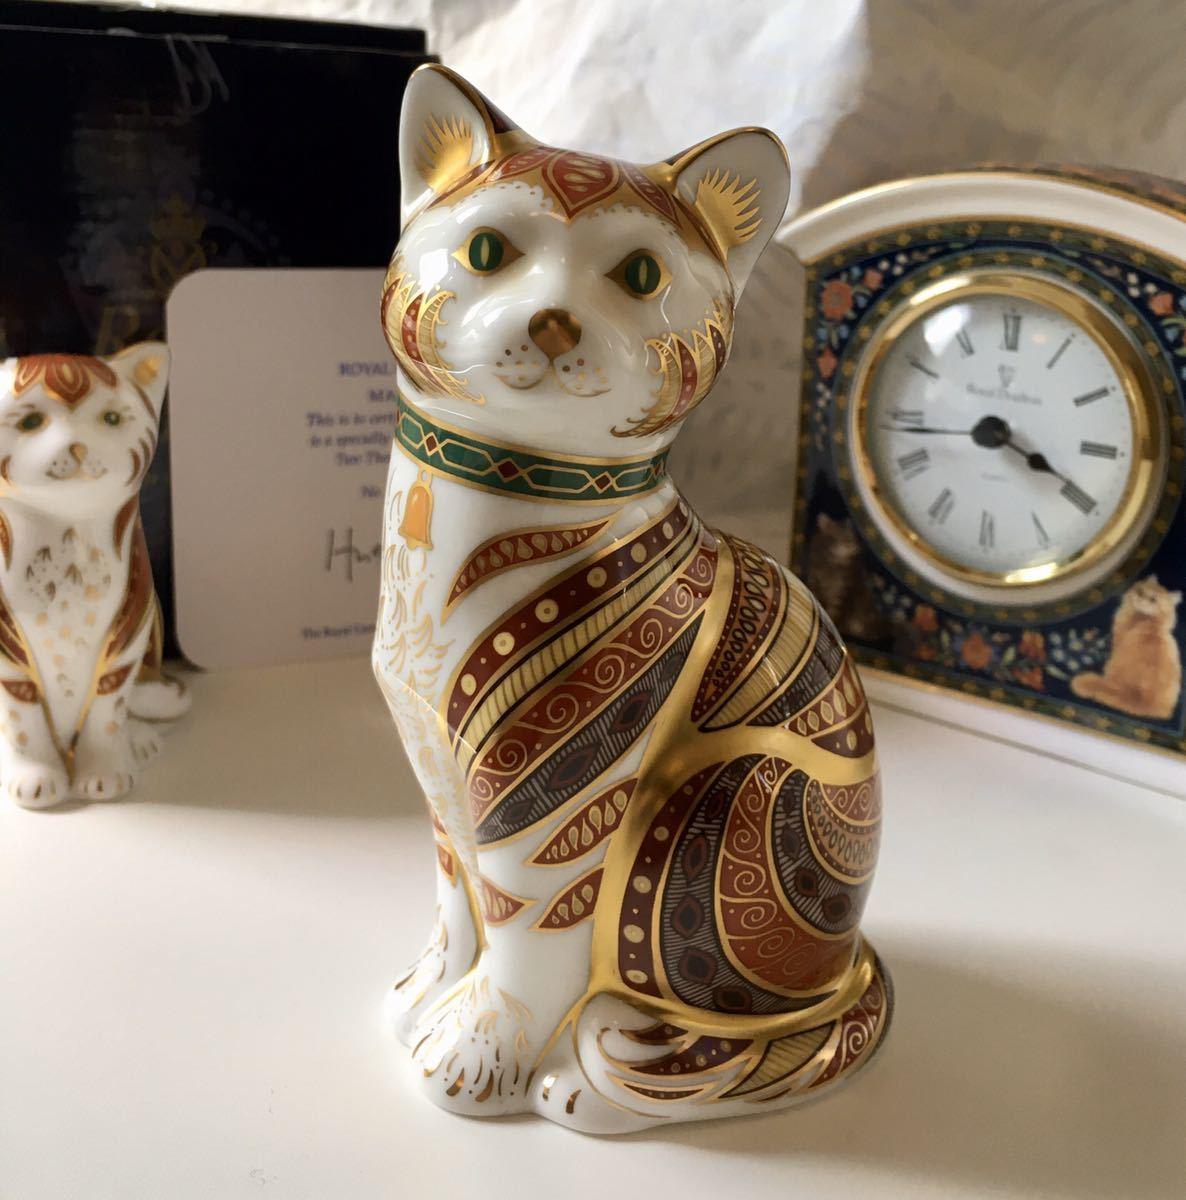 〈送料込〉〈限定品〉418/2500〈美品〉ロイヤルクラウンダービー Royal Crown Derby ペーパーウェイト フィギュリン フィギュア 親猫 ネコ